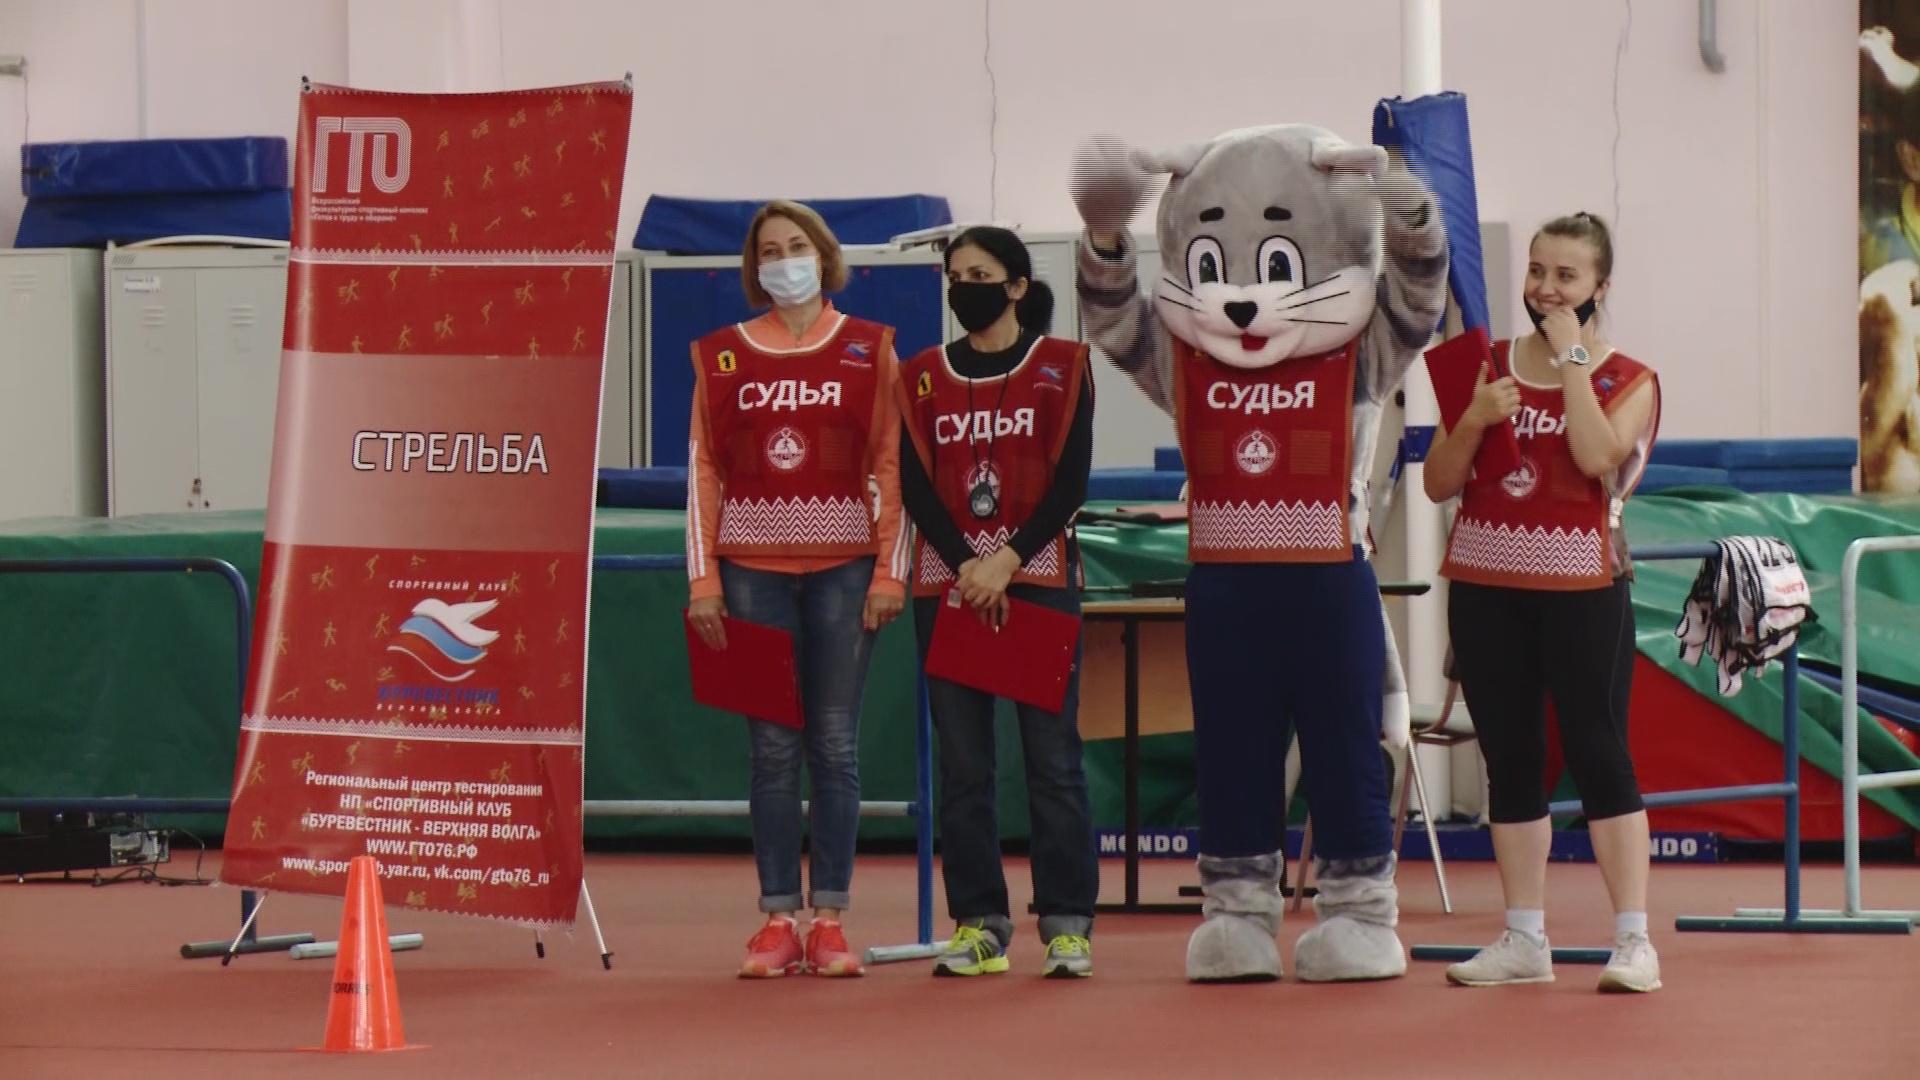 В Ярославле прошел спортивный праздник для детей из приемных и малоимущих семей